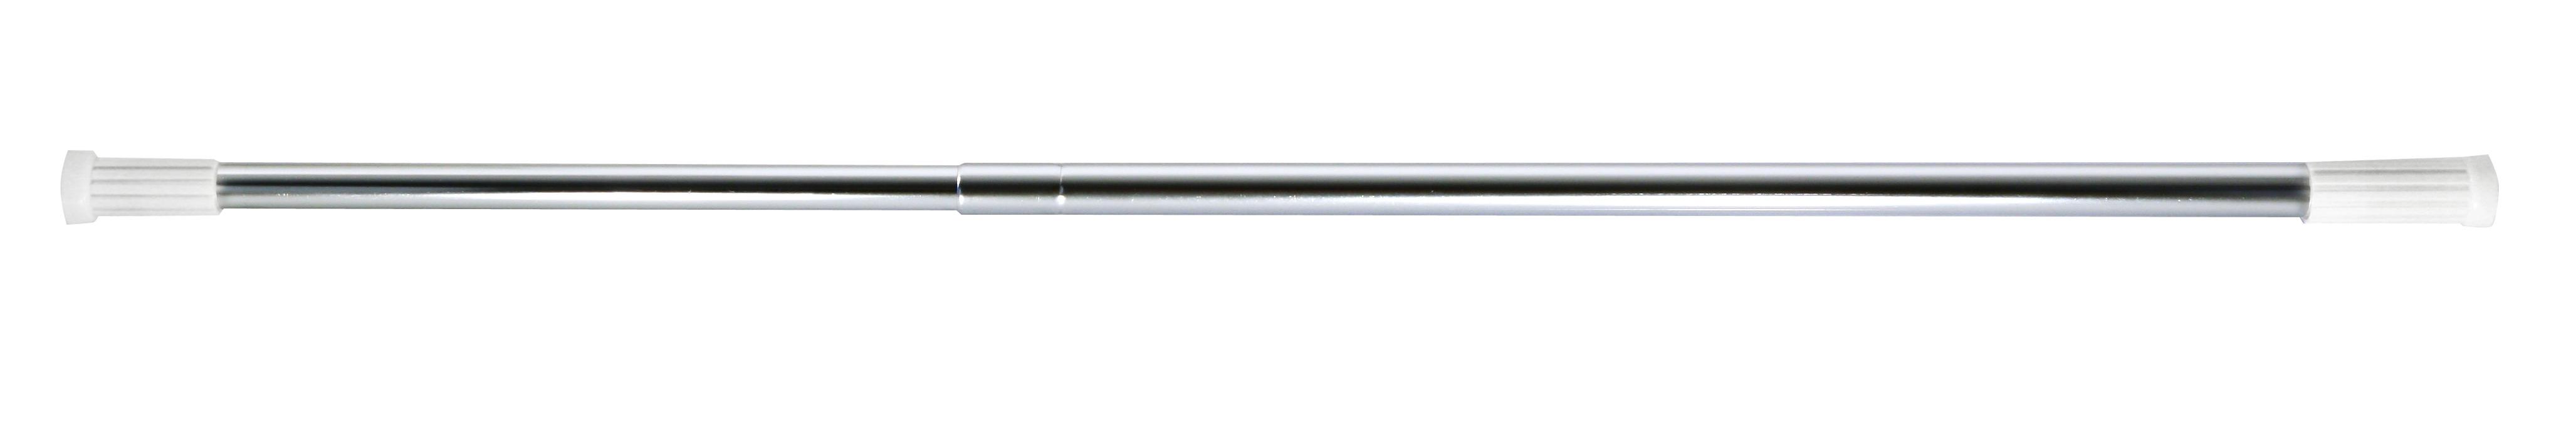 Tyč na sprchový závěs Olsen 110-200 chrom